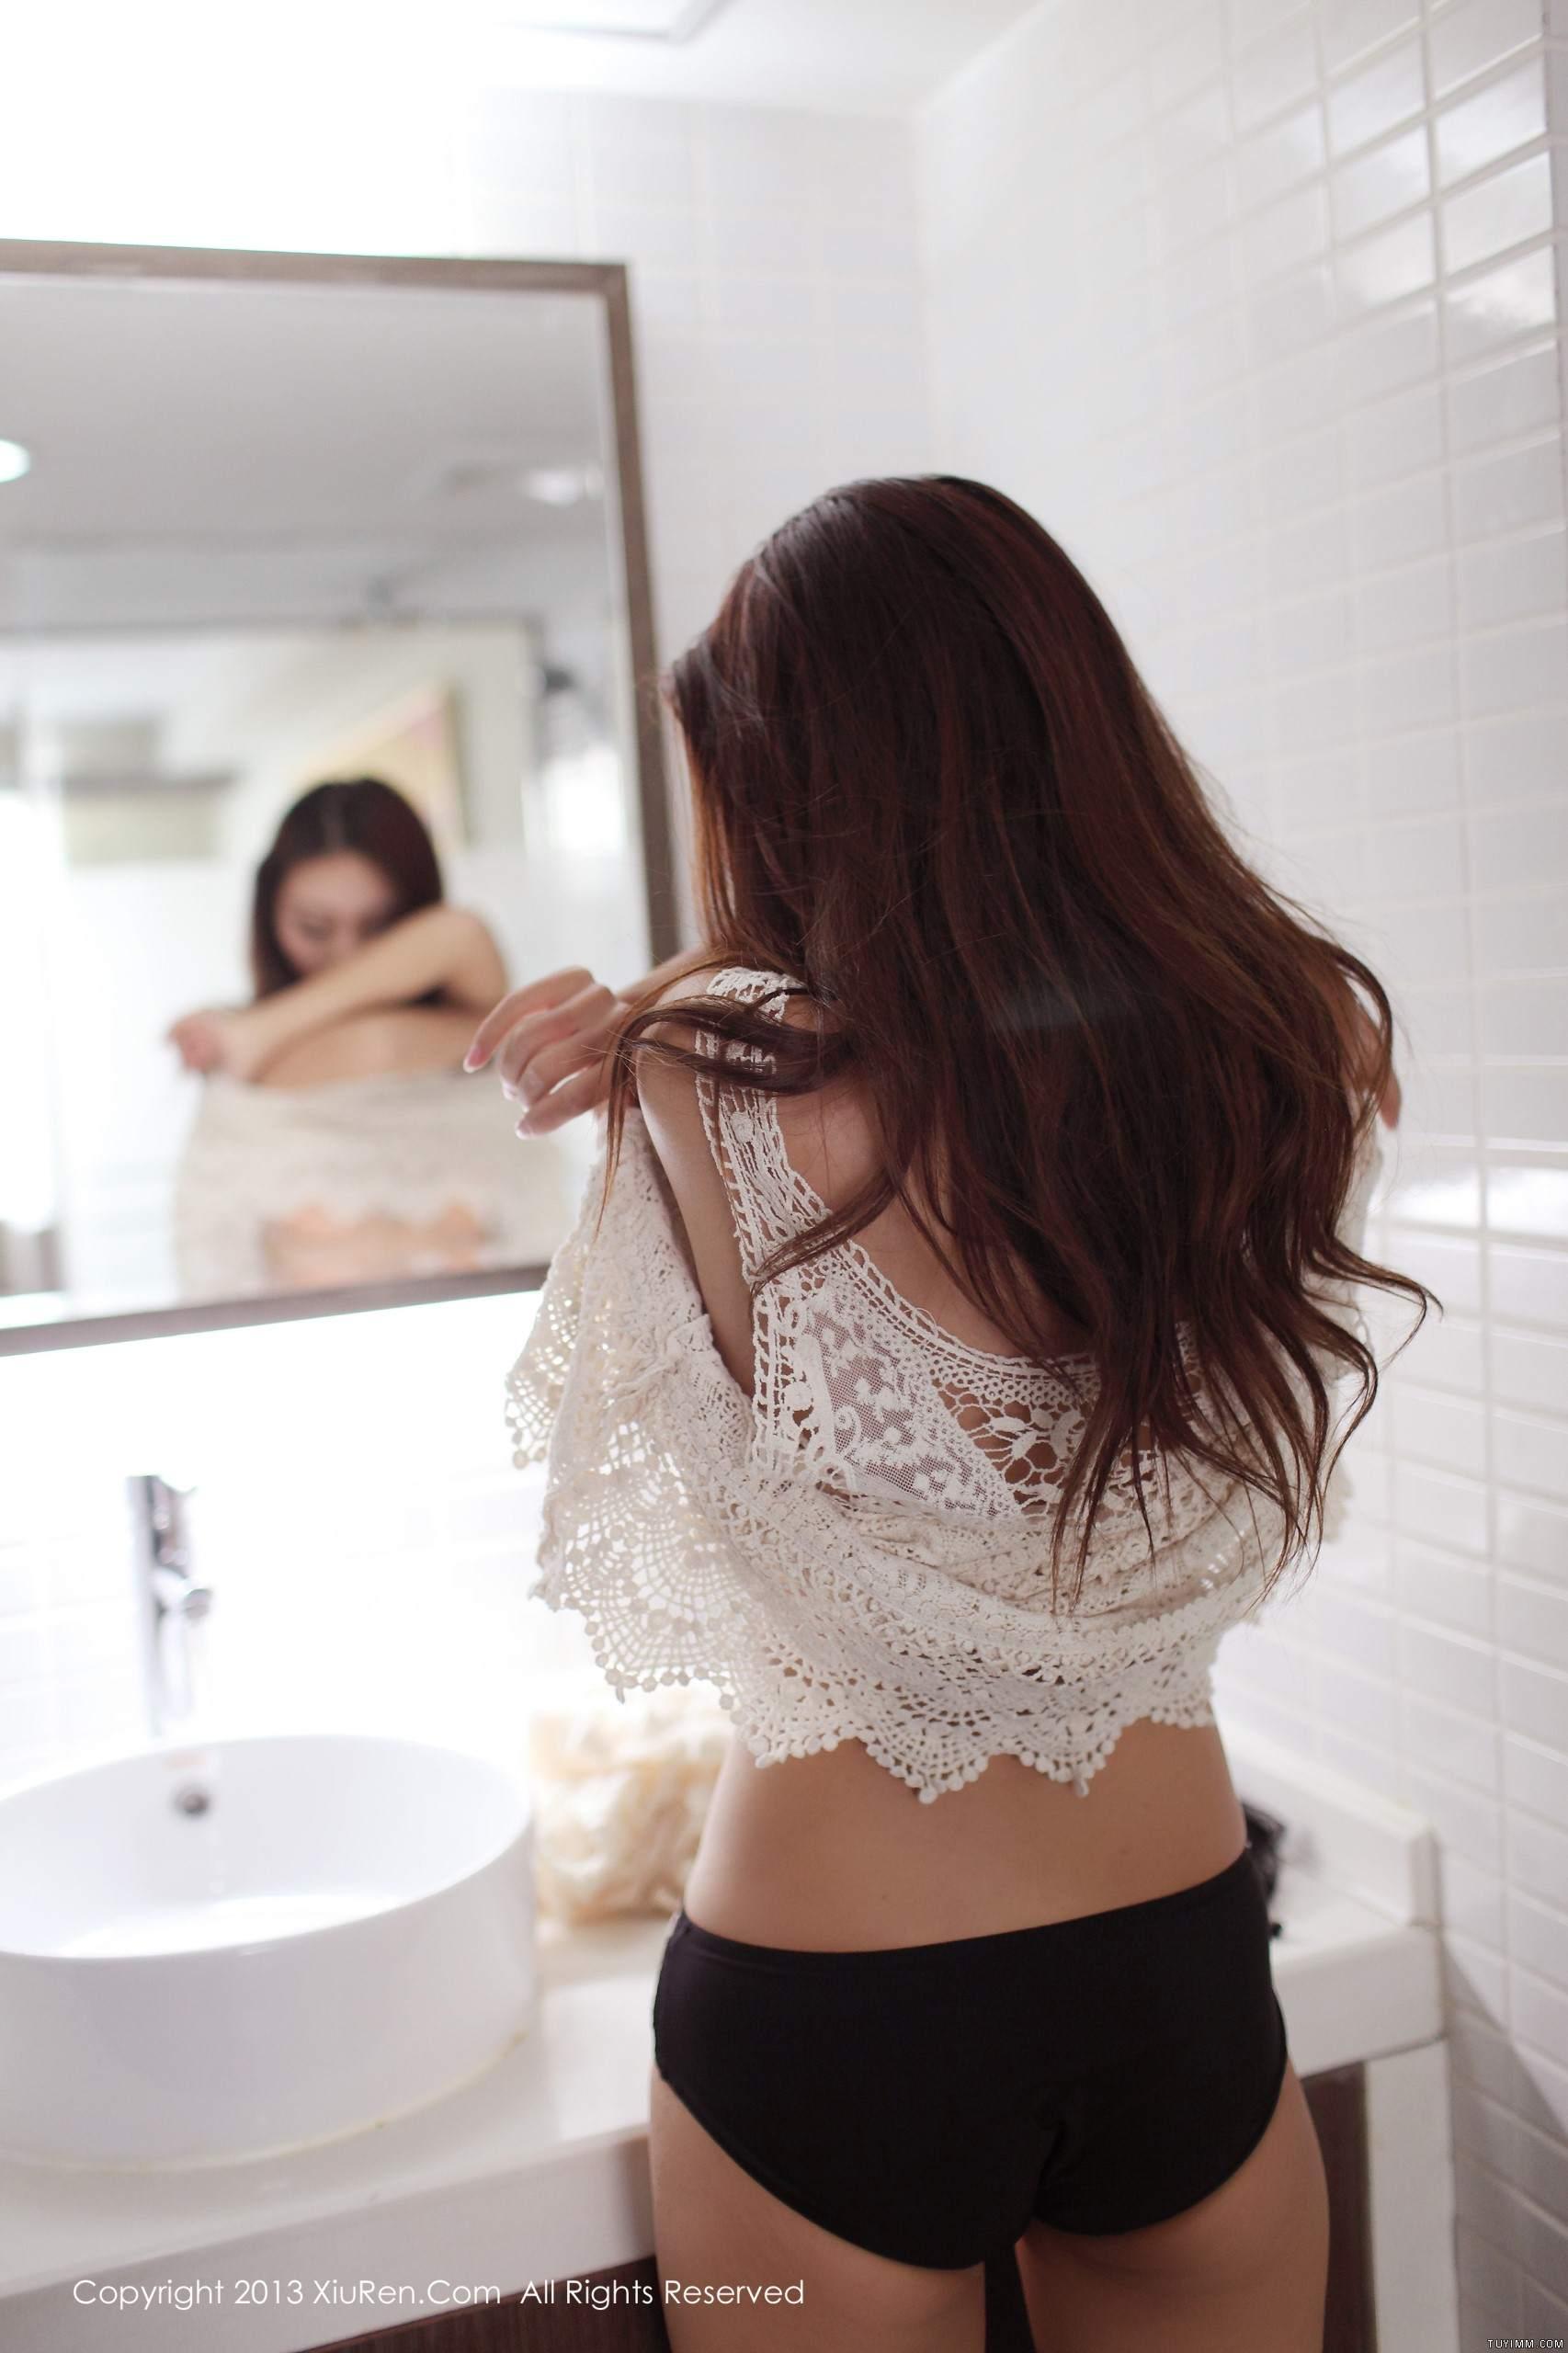 [福利]霸气欣欣爷の678辅助网-第80张图片-哔哔娱乐网